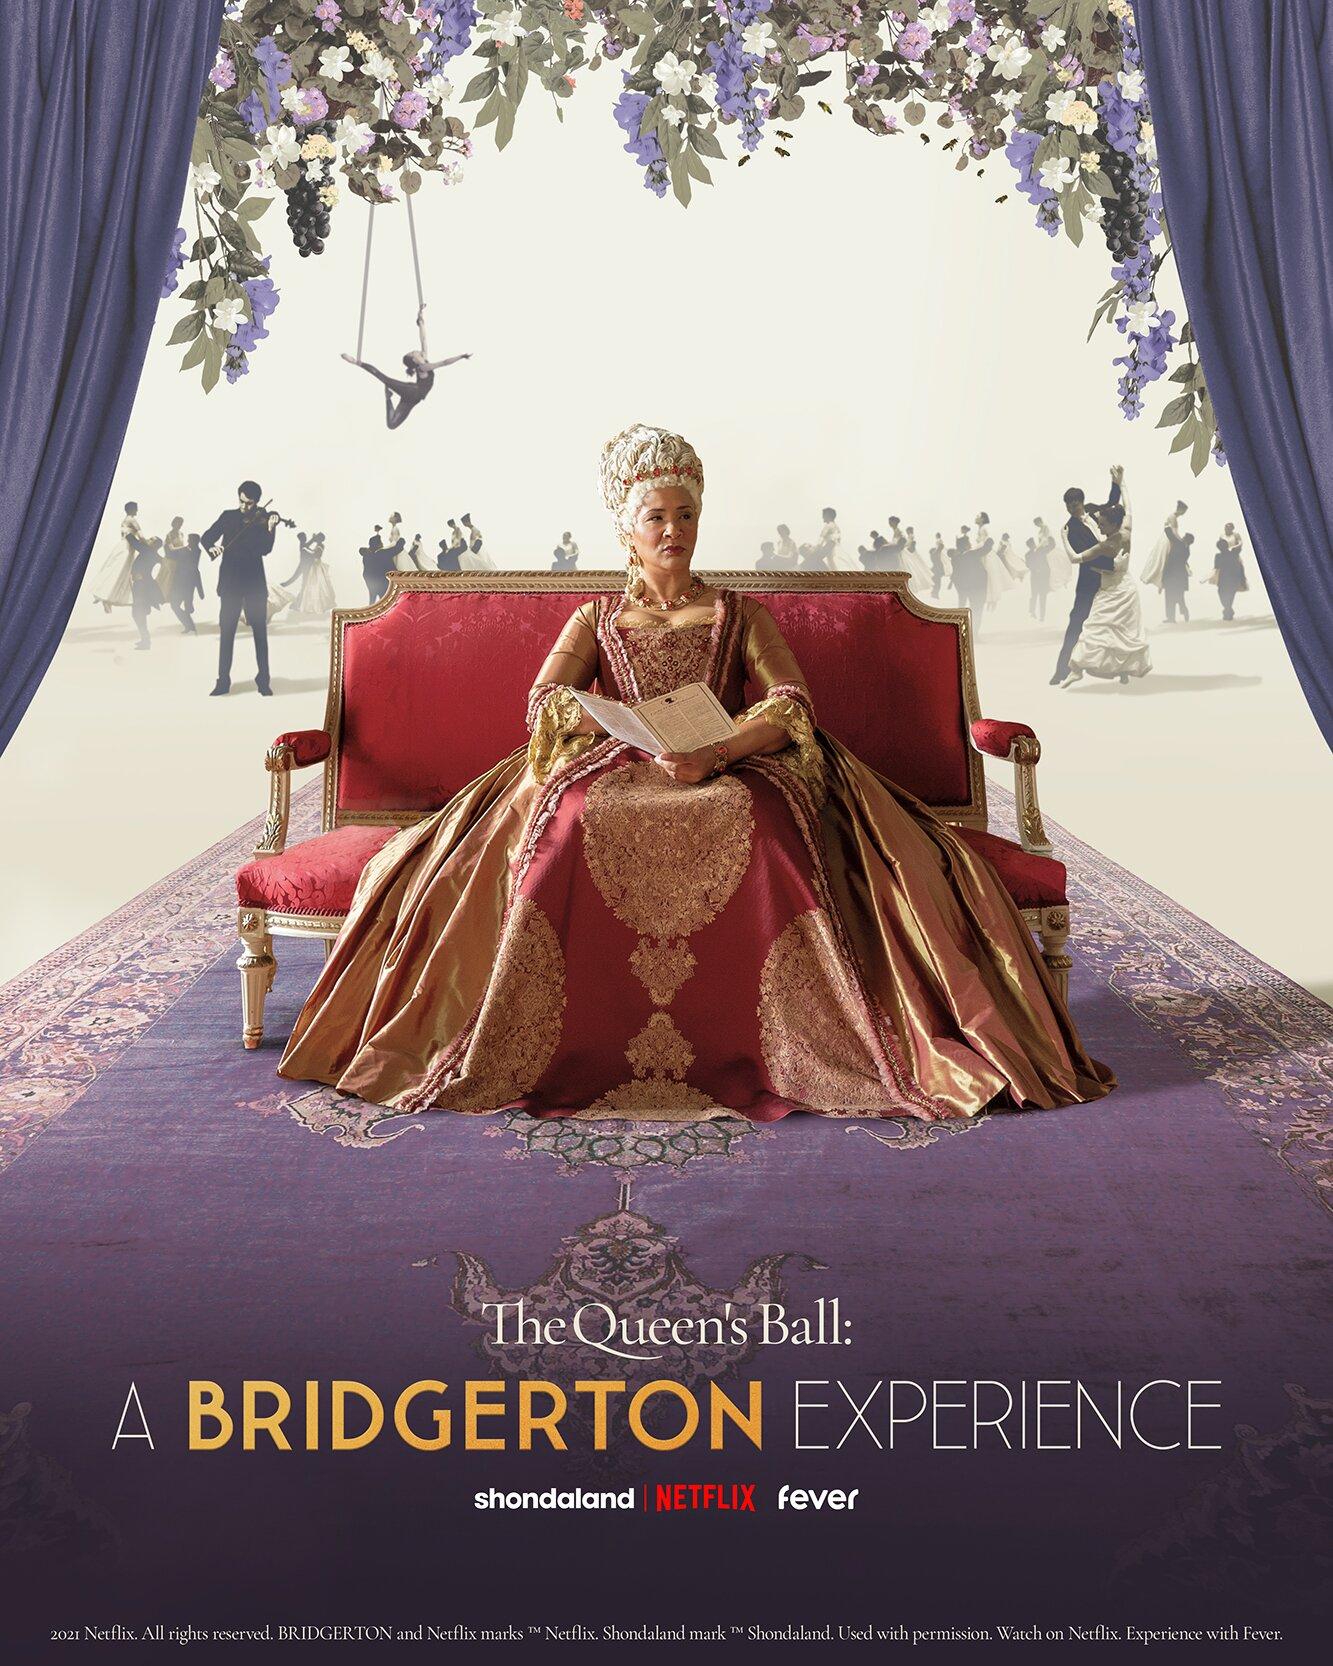 Il ballo della regina: un'esperienza Bridgerton